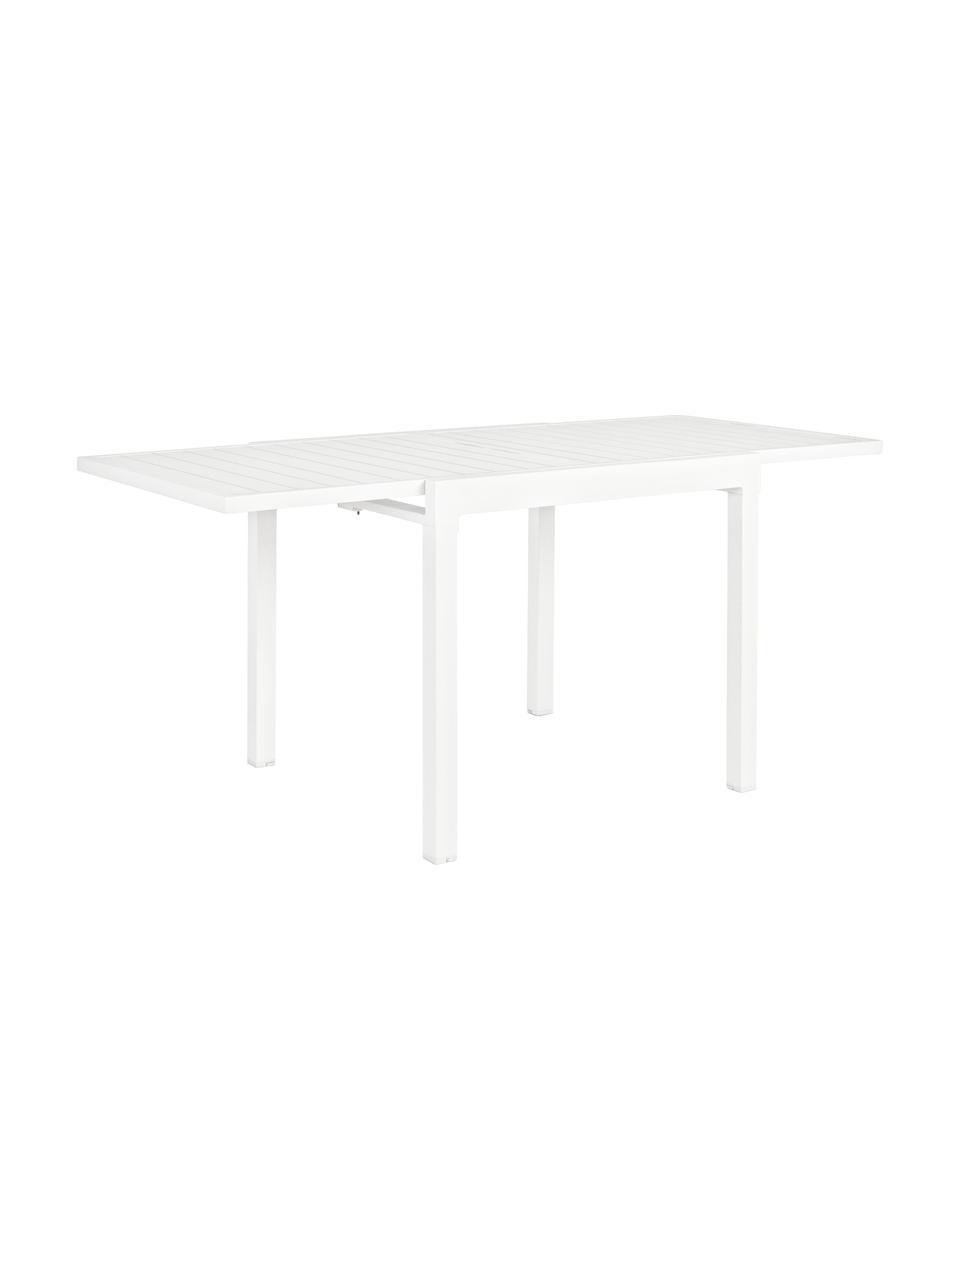 Tavolo da giardino allungabile Pelagius, Alluminio verniciato a polvere, Bianco, Larg. 83 a 166 x Prof. 80 cm